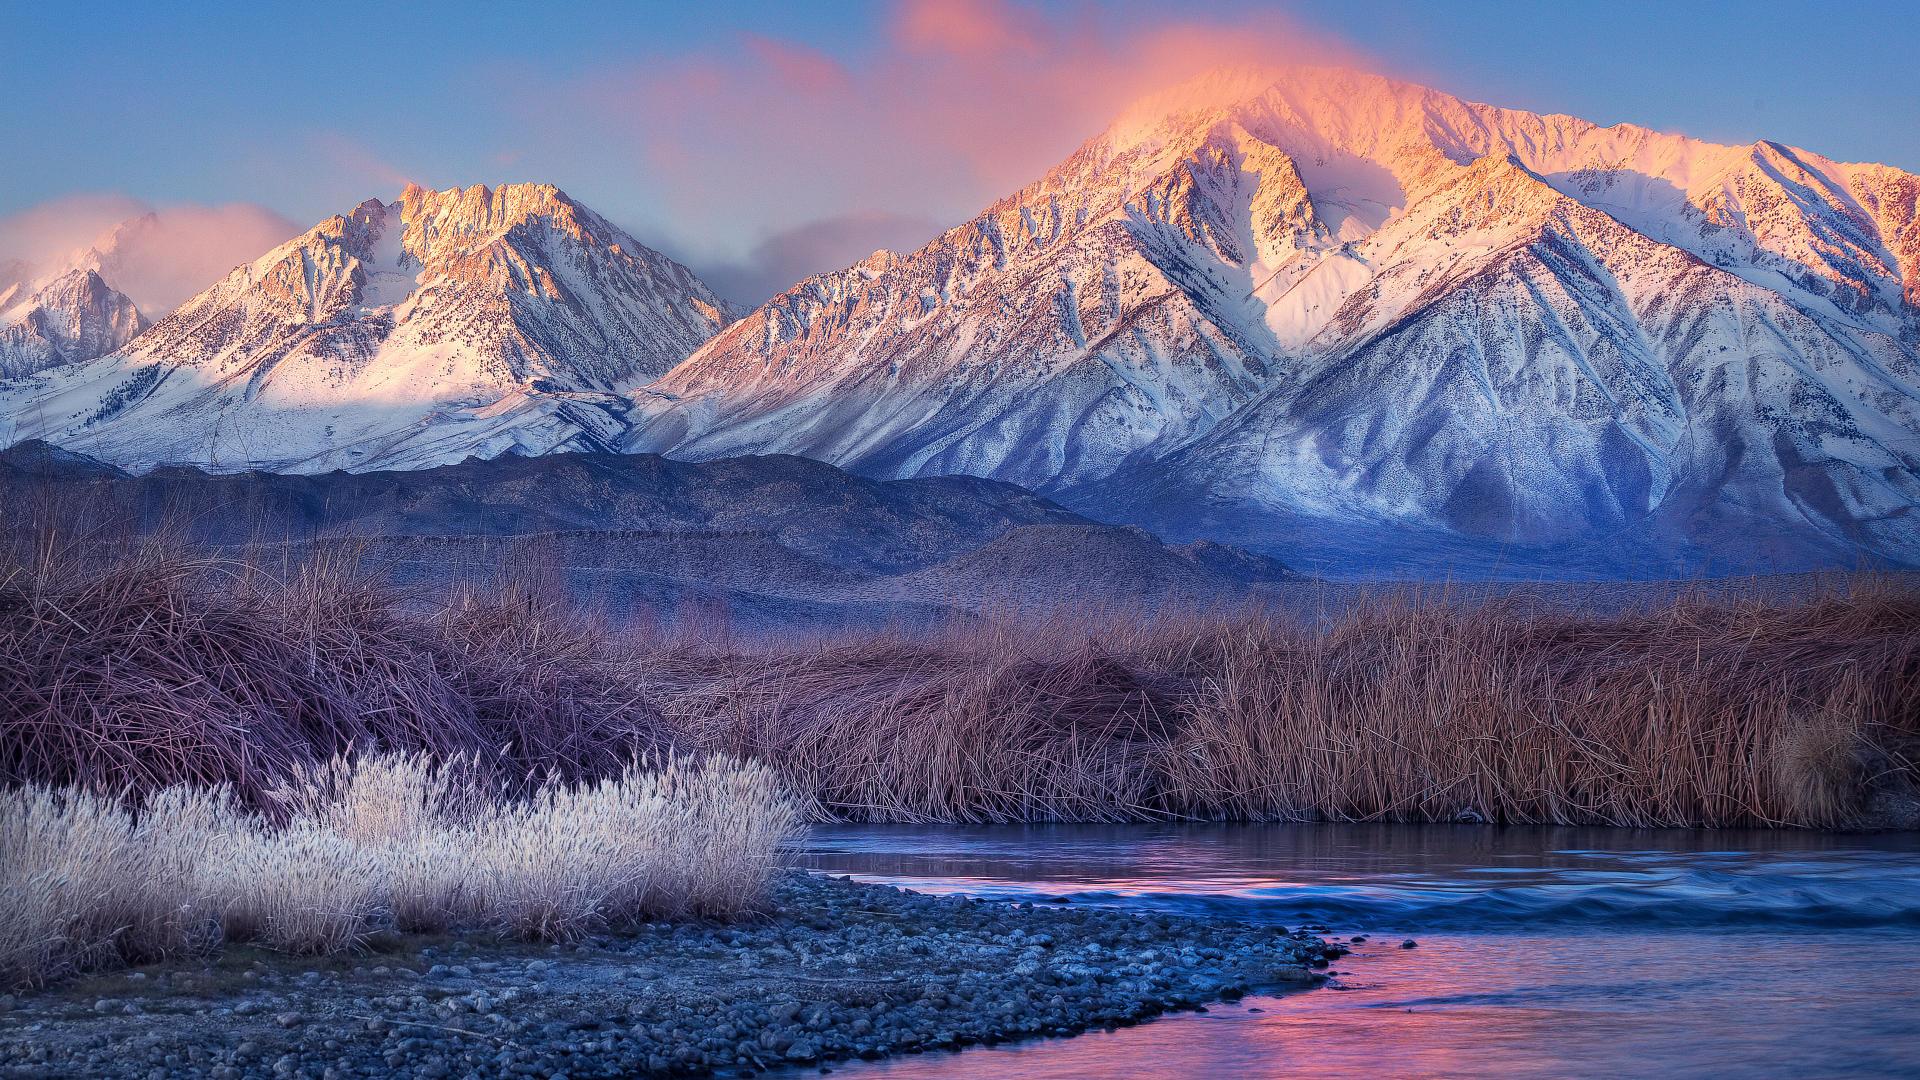 Download Wallpapers E Sfondi Paesaggi Invernali Con Neve 1920x1080